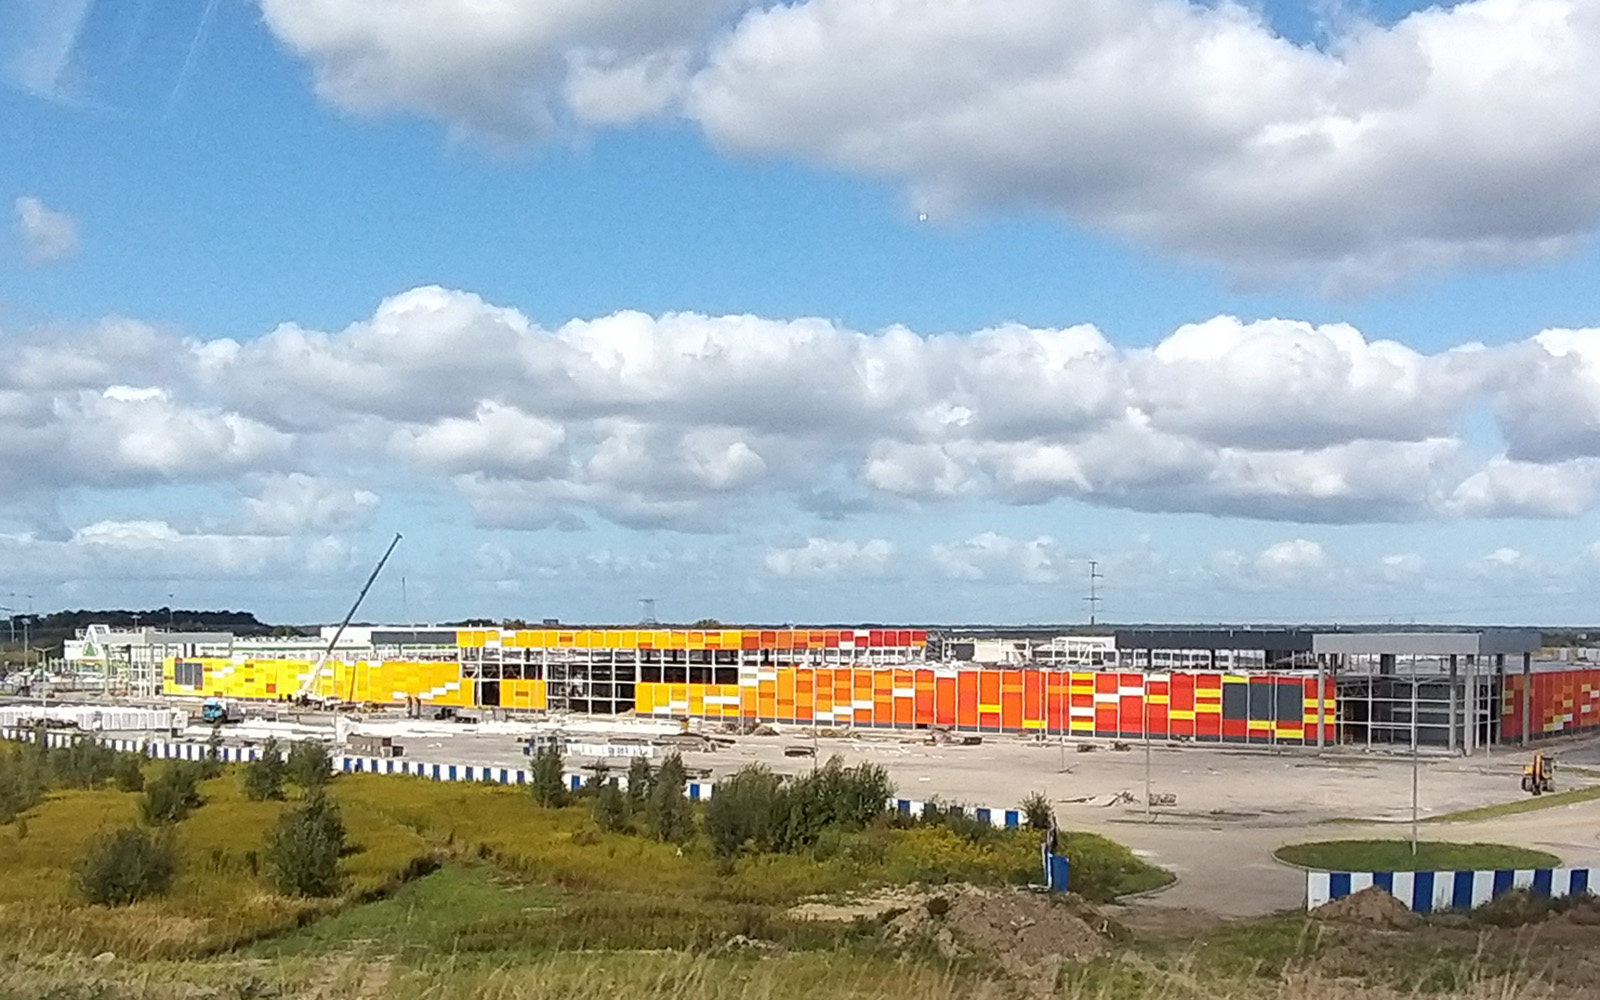 строительство многофункционального центра «Балтия молл» в Калининграде